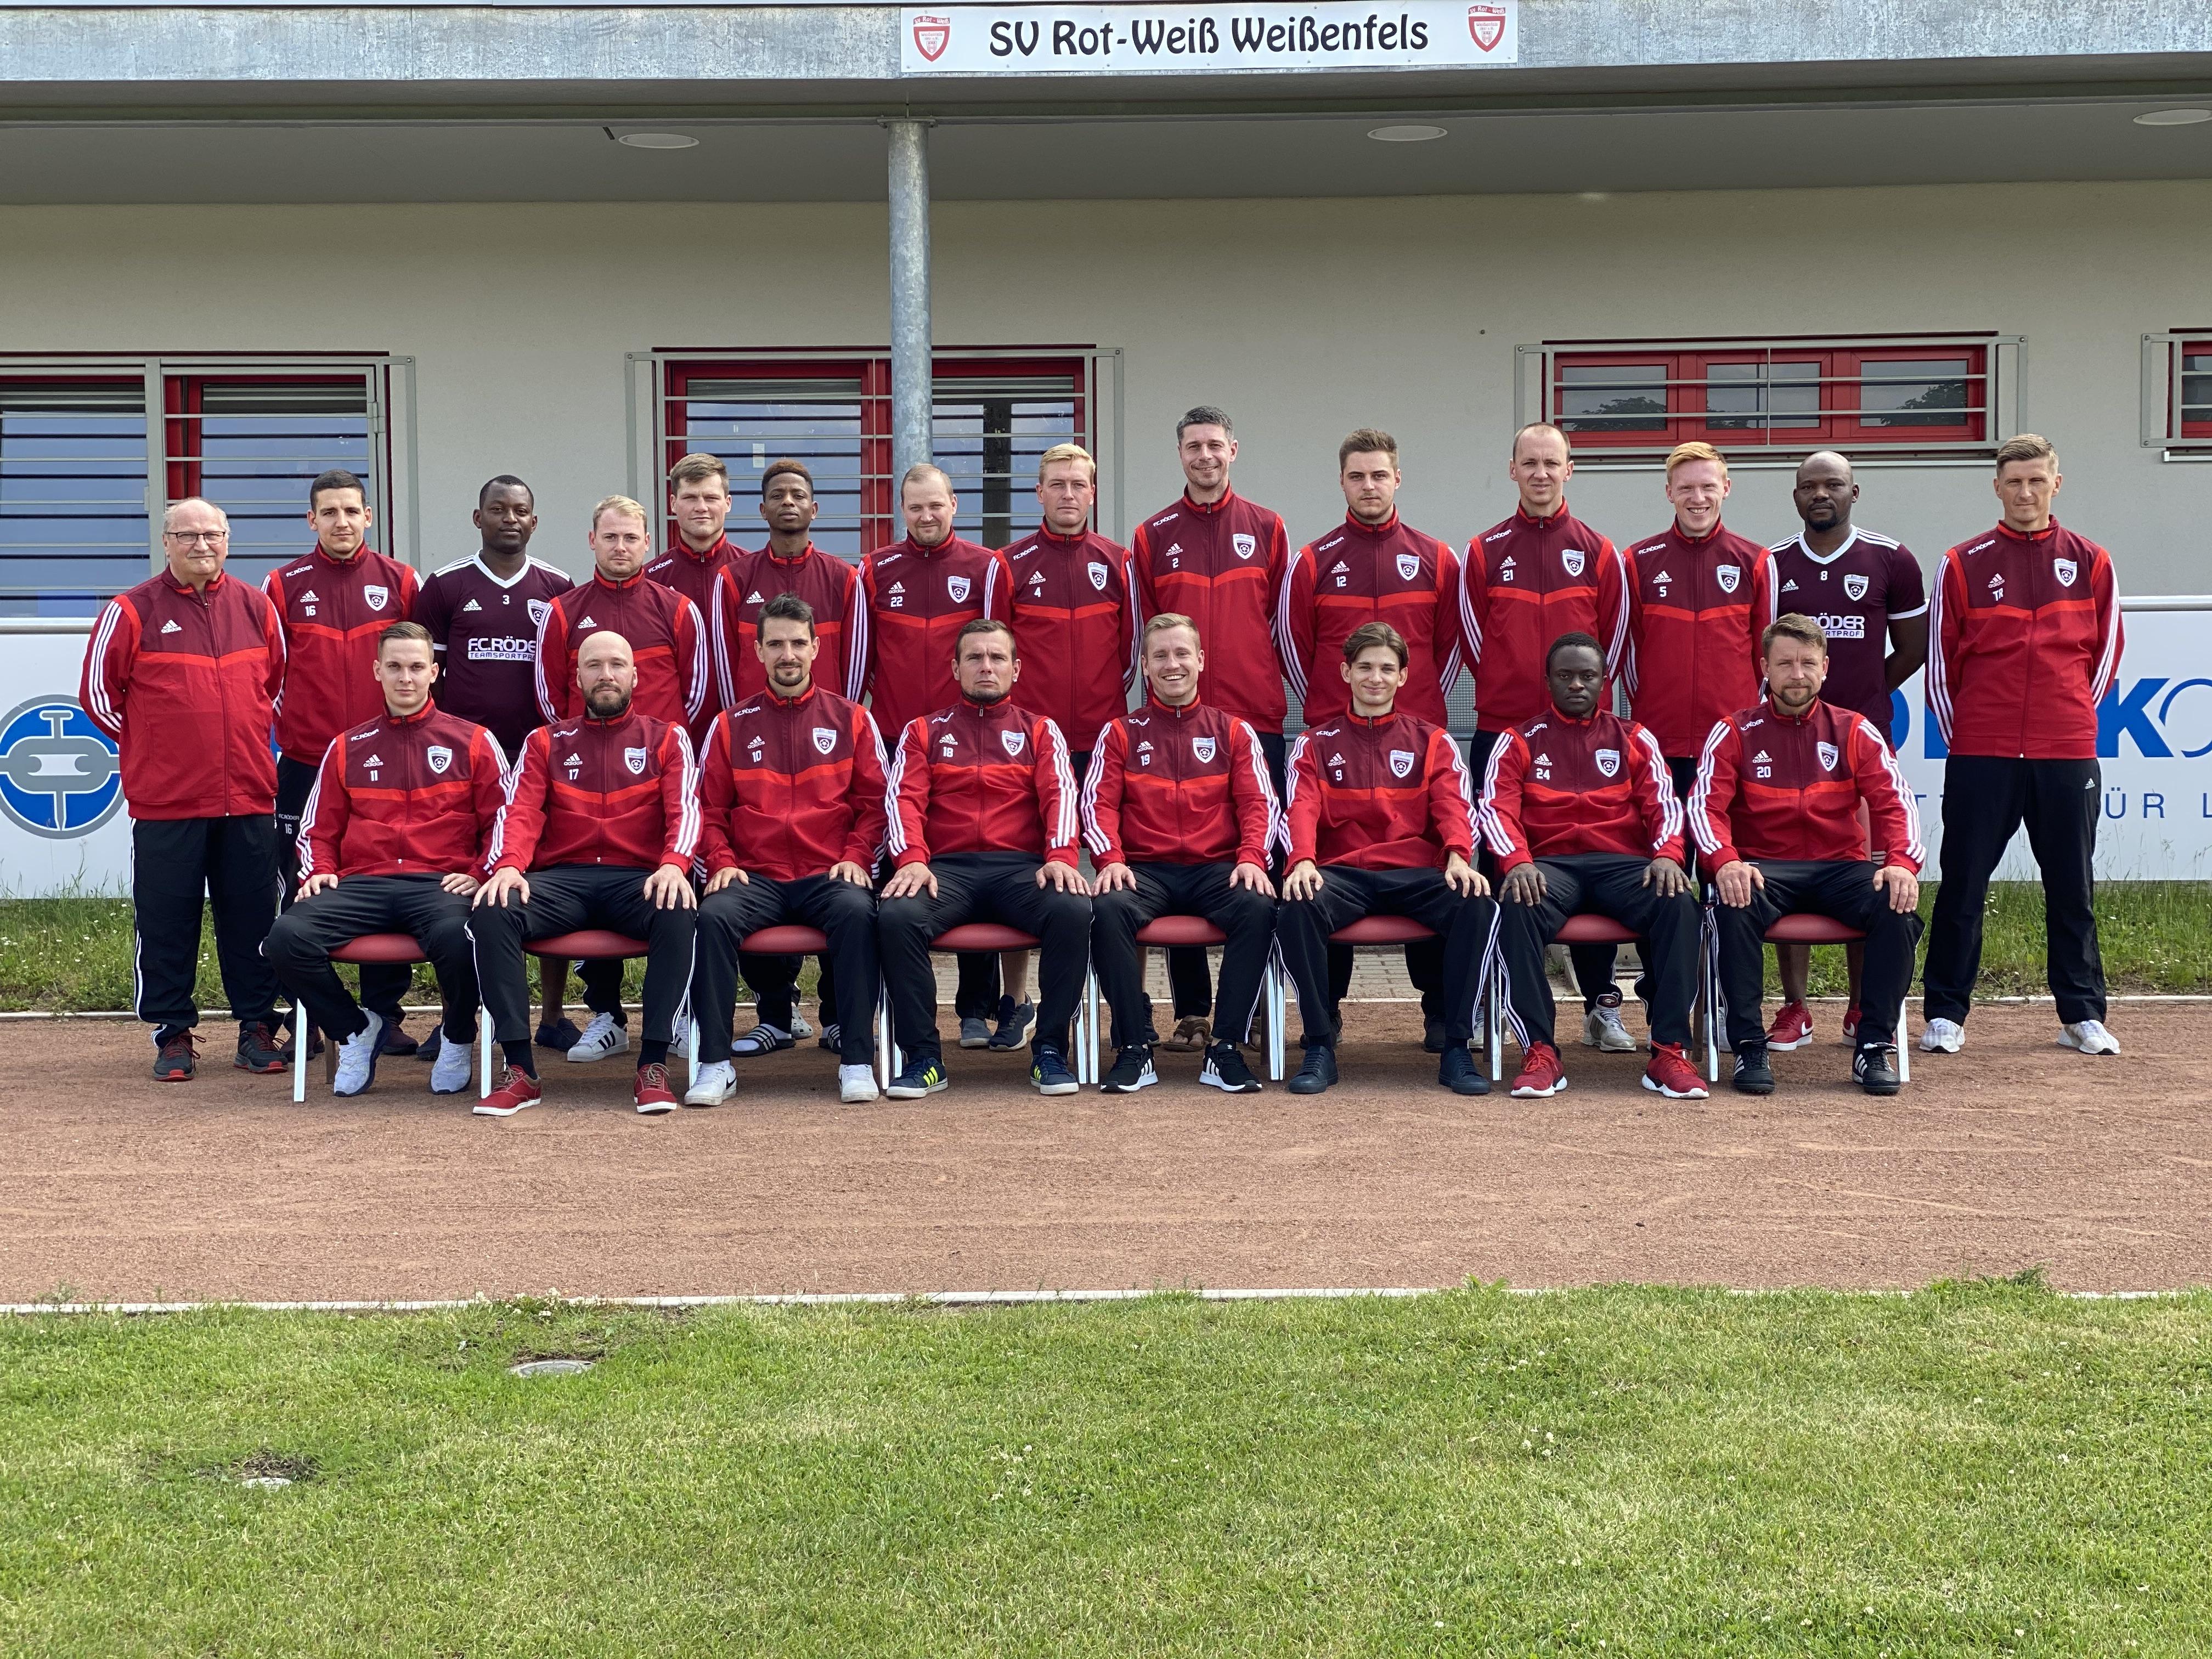 SV Rot-Weiß Weißenfels